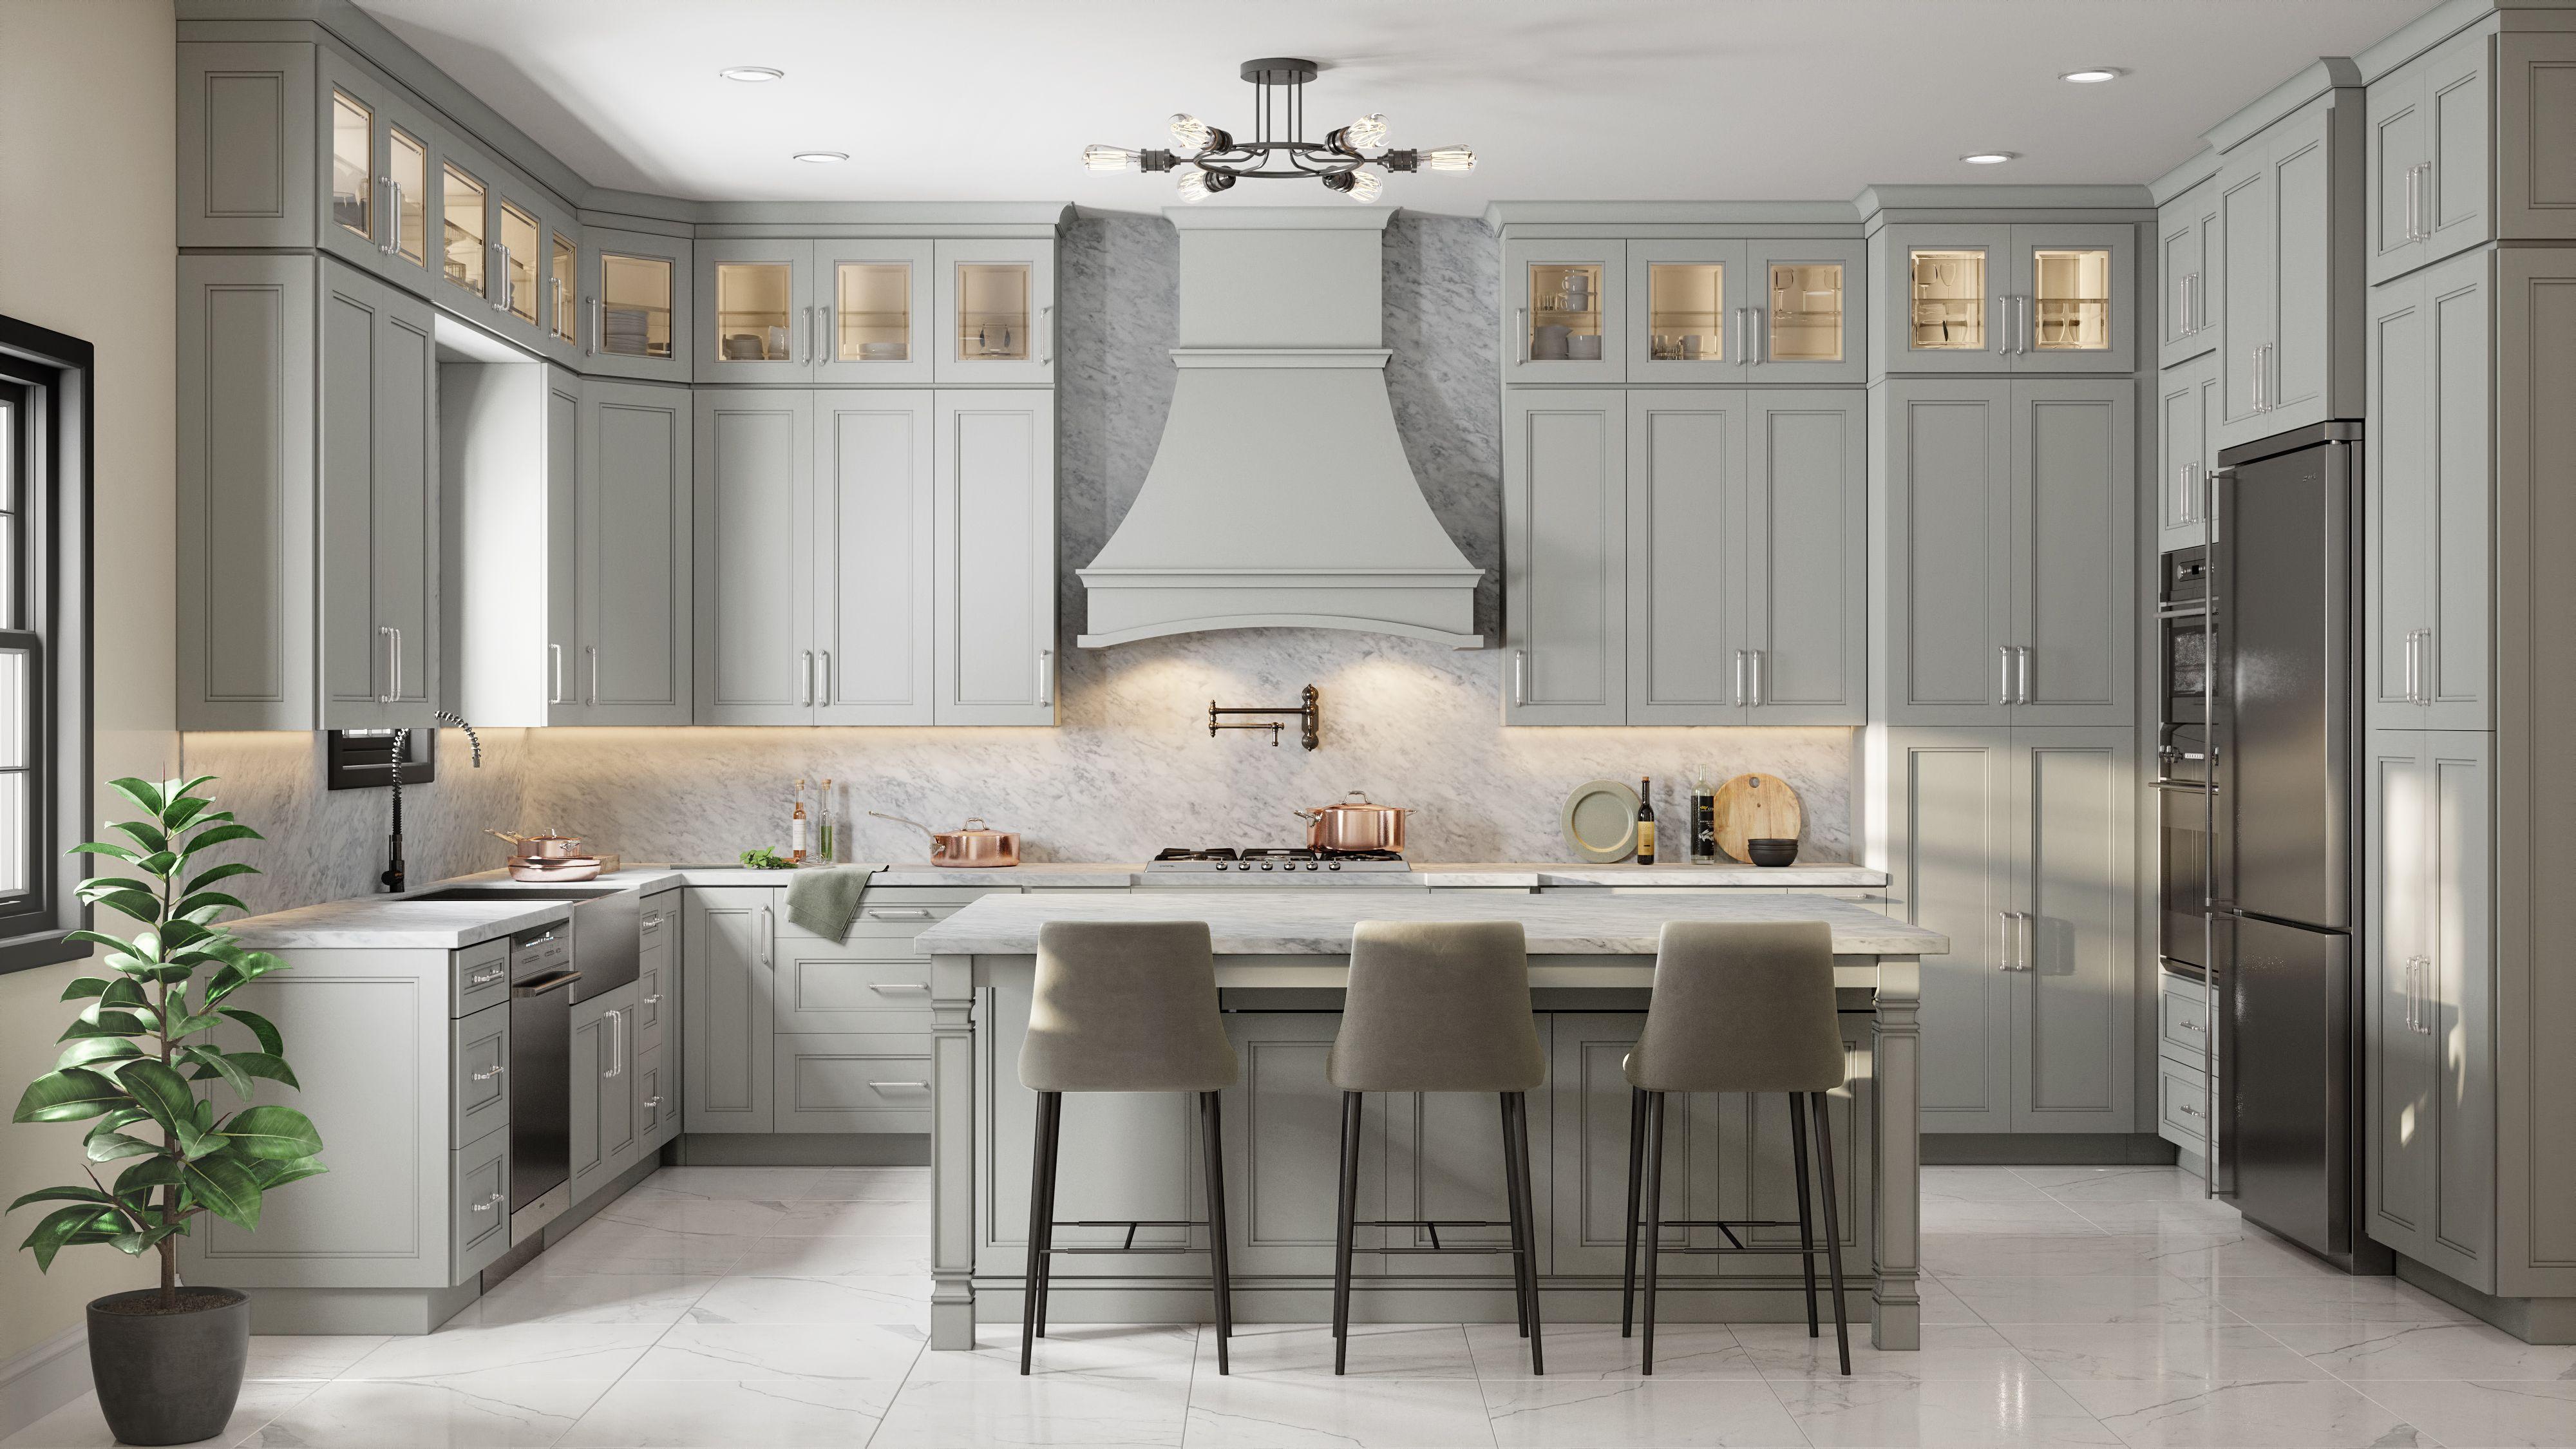 Kitchen Cabinets Online In 2020 Buy Kitchen Cabinets Online Online Kitchen Cabinets Grey Kitchen Cabinets